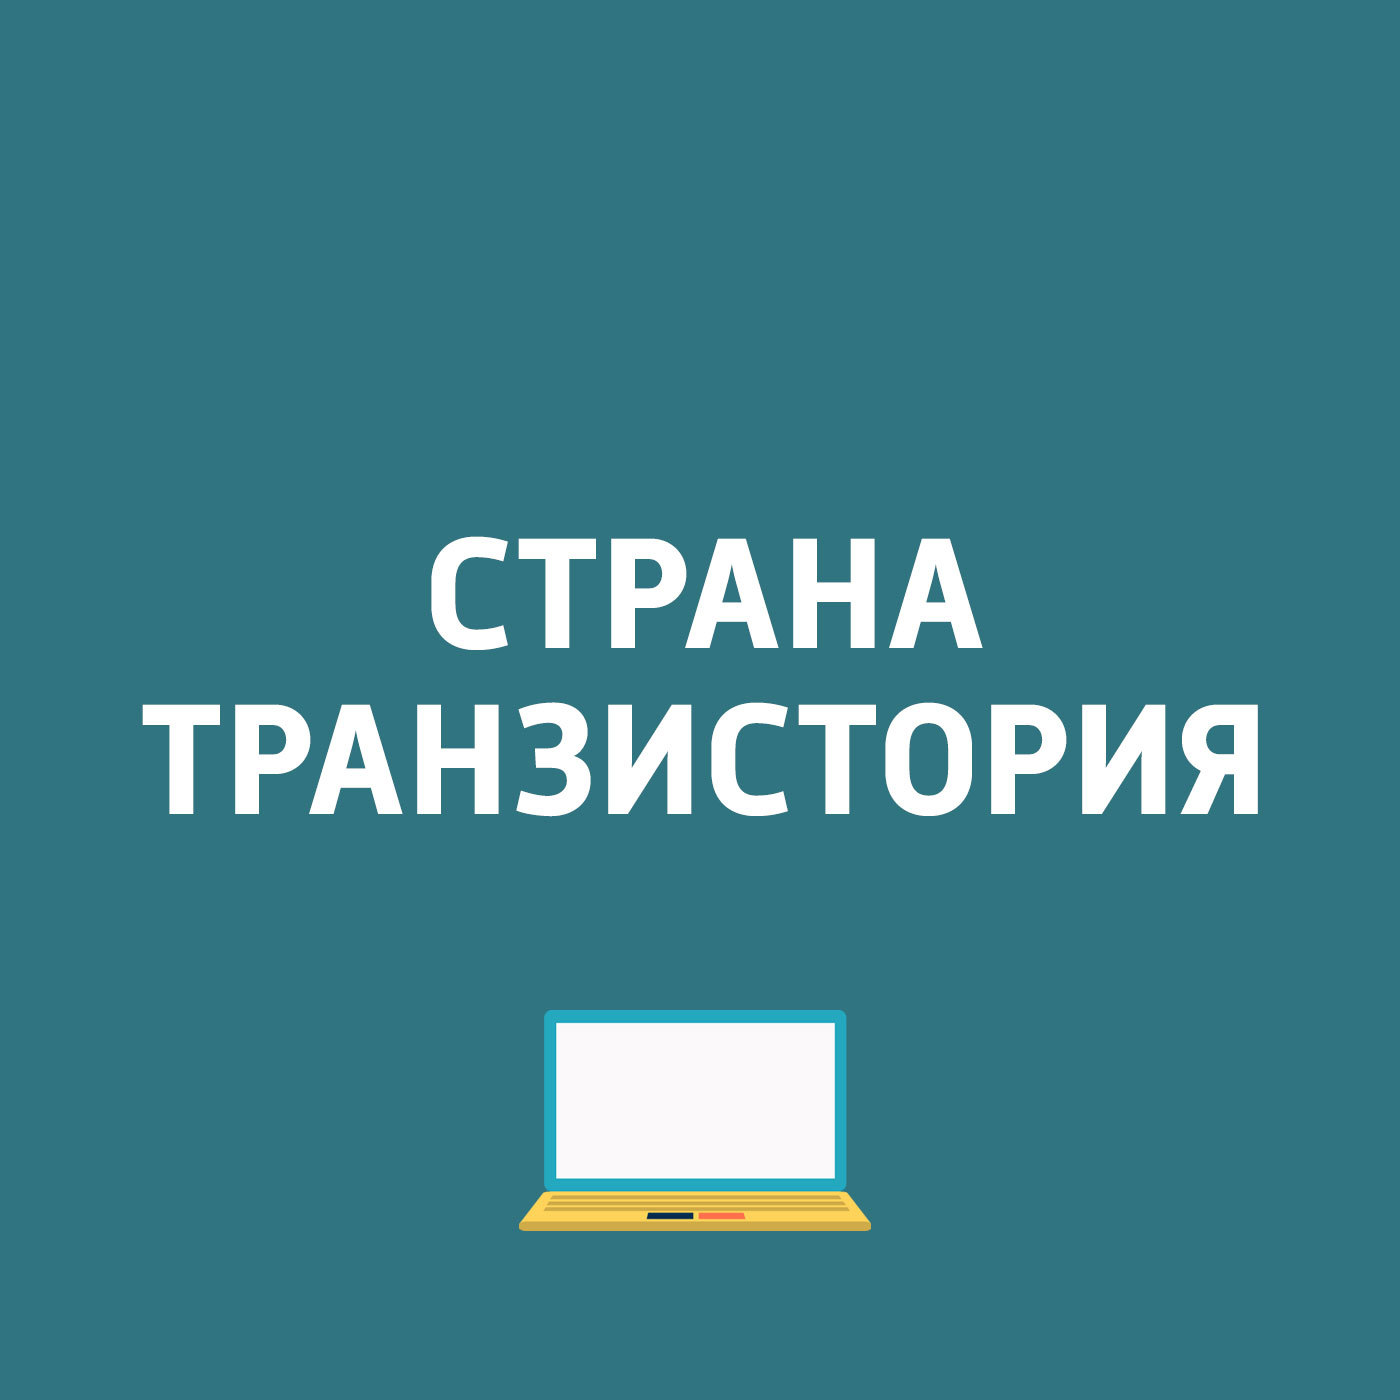 Картаев Павел Instagram представил функцию создания коллекций... картаев павел киберспорт в россии приравняли к футболу